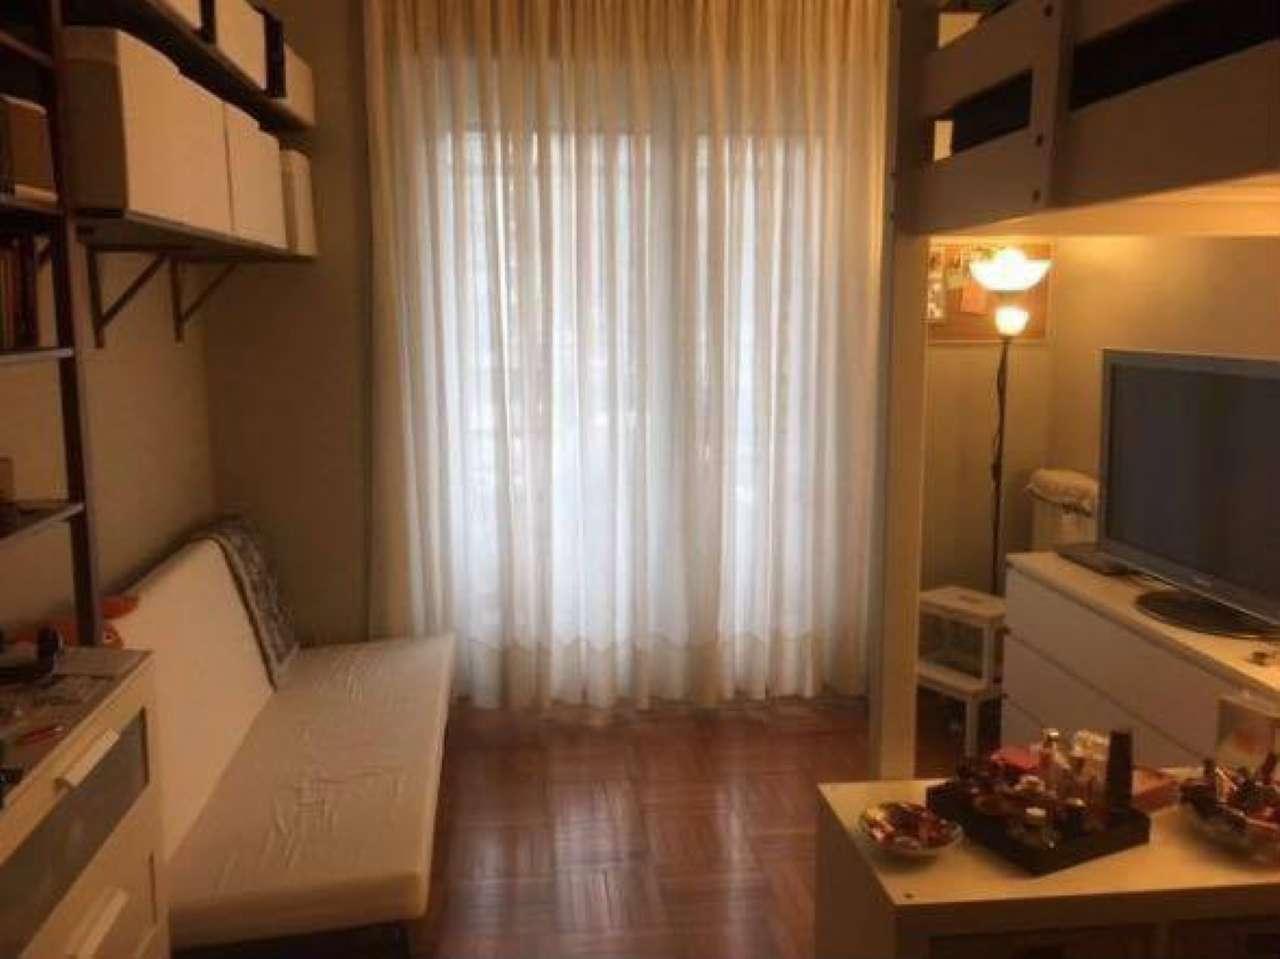 Appartamento in affitto a Milano, 2 locali, zona Zona: 3 . Bicocca, Greco, Monza, Palmanova, Padova, prezzo € 1.100   Cambio Casa.it